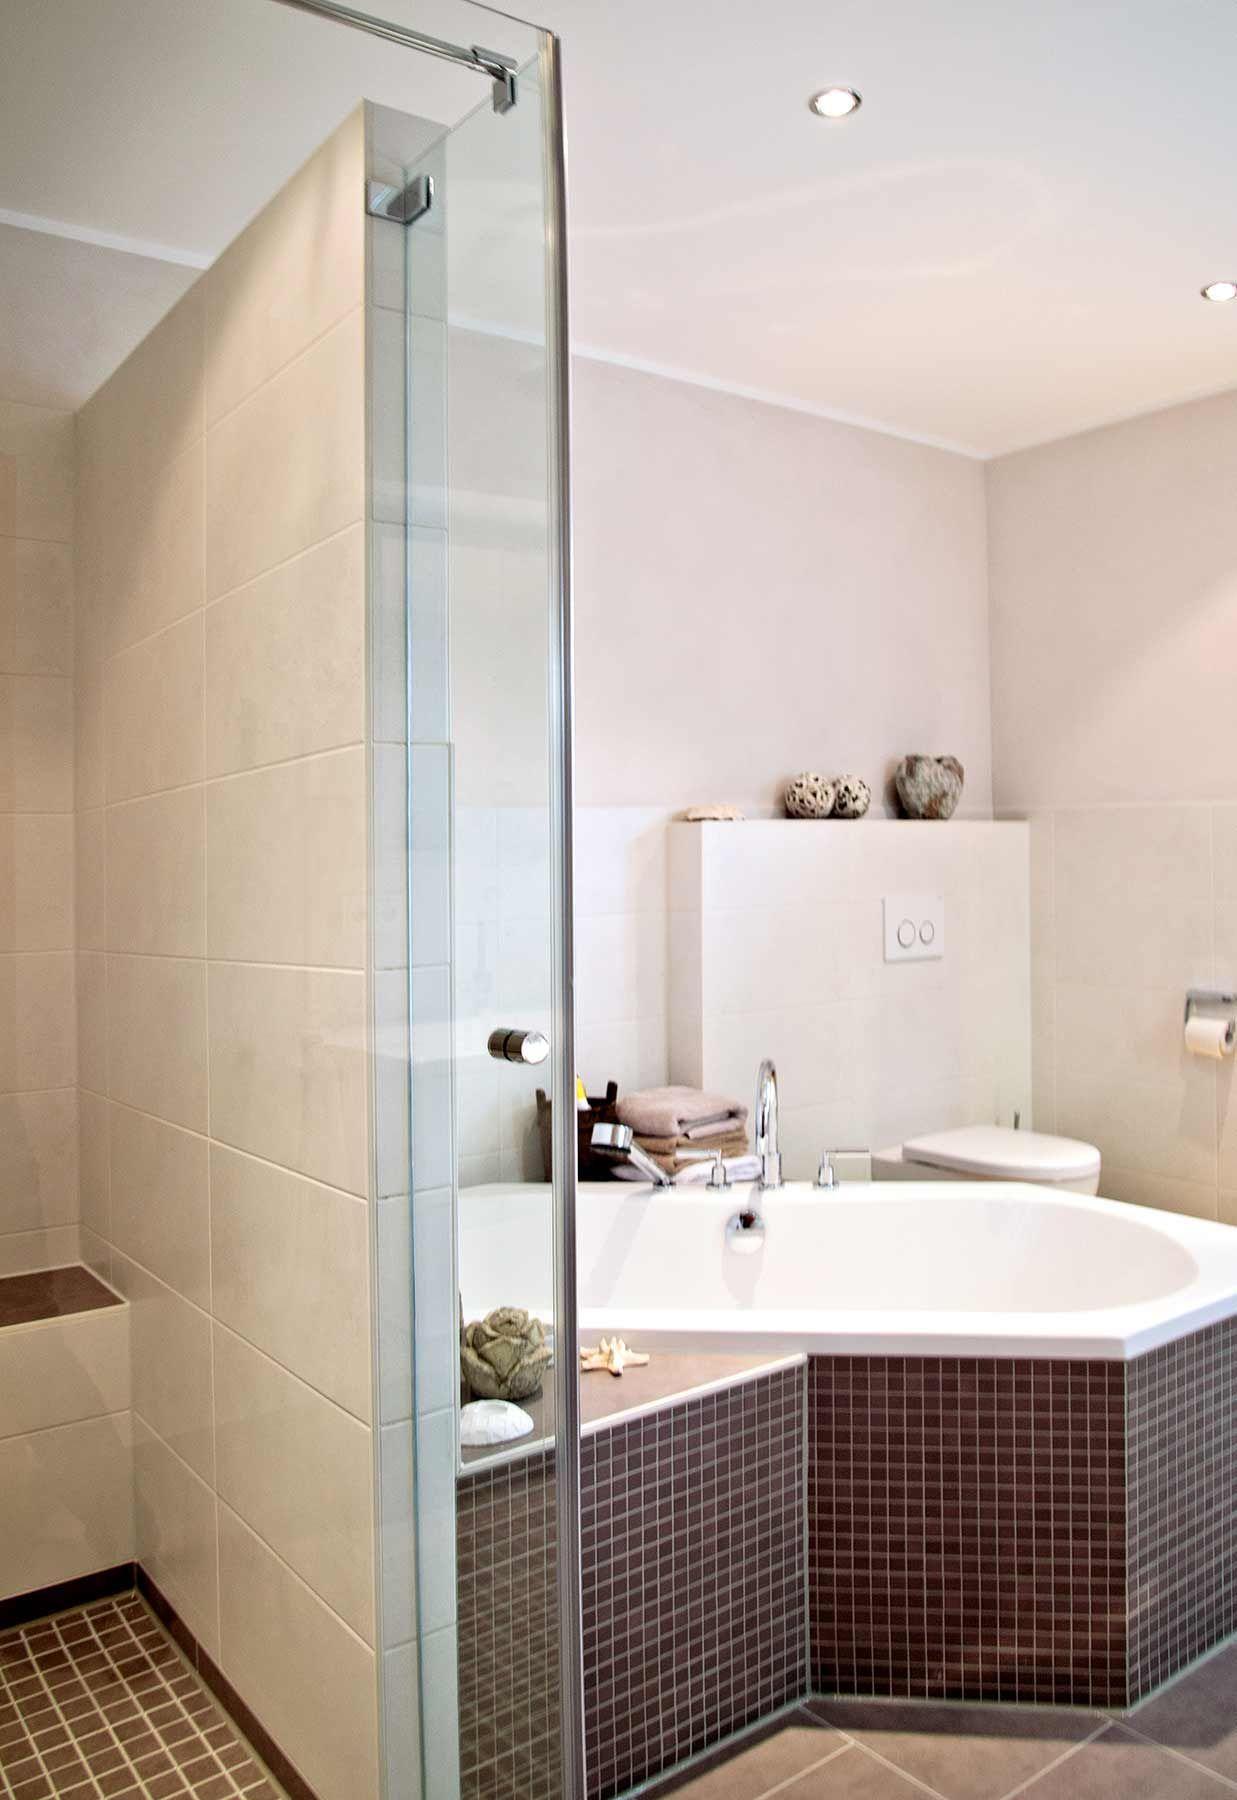 Badezimmer Mit Sechseck Badewanne Badezimmer Badewanne Zimmer